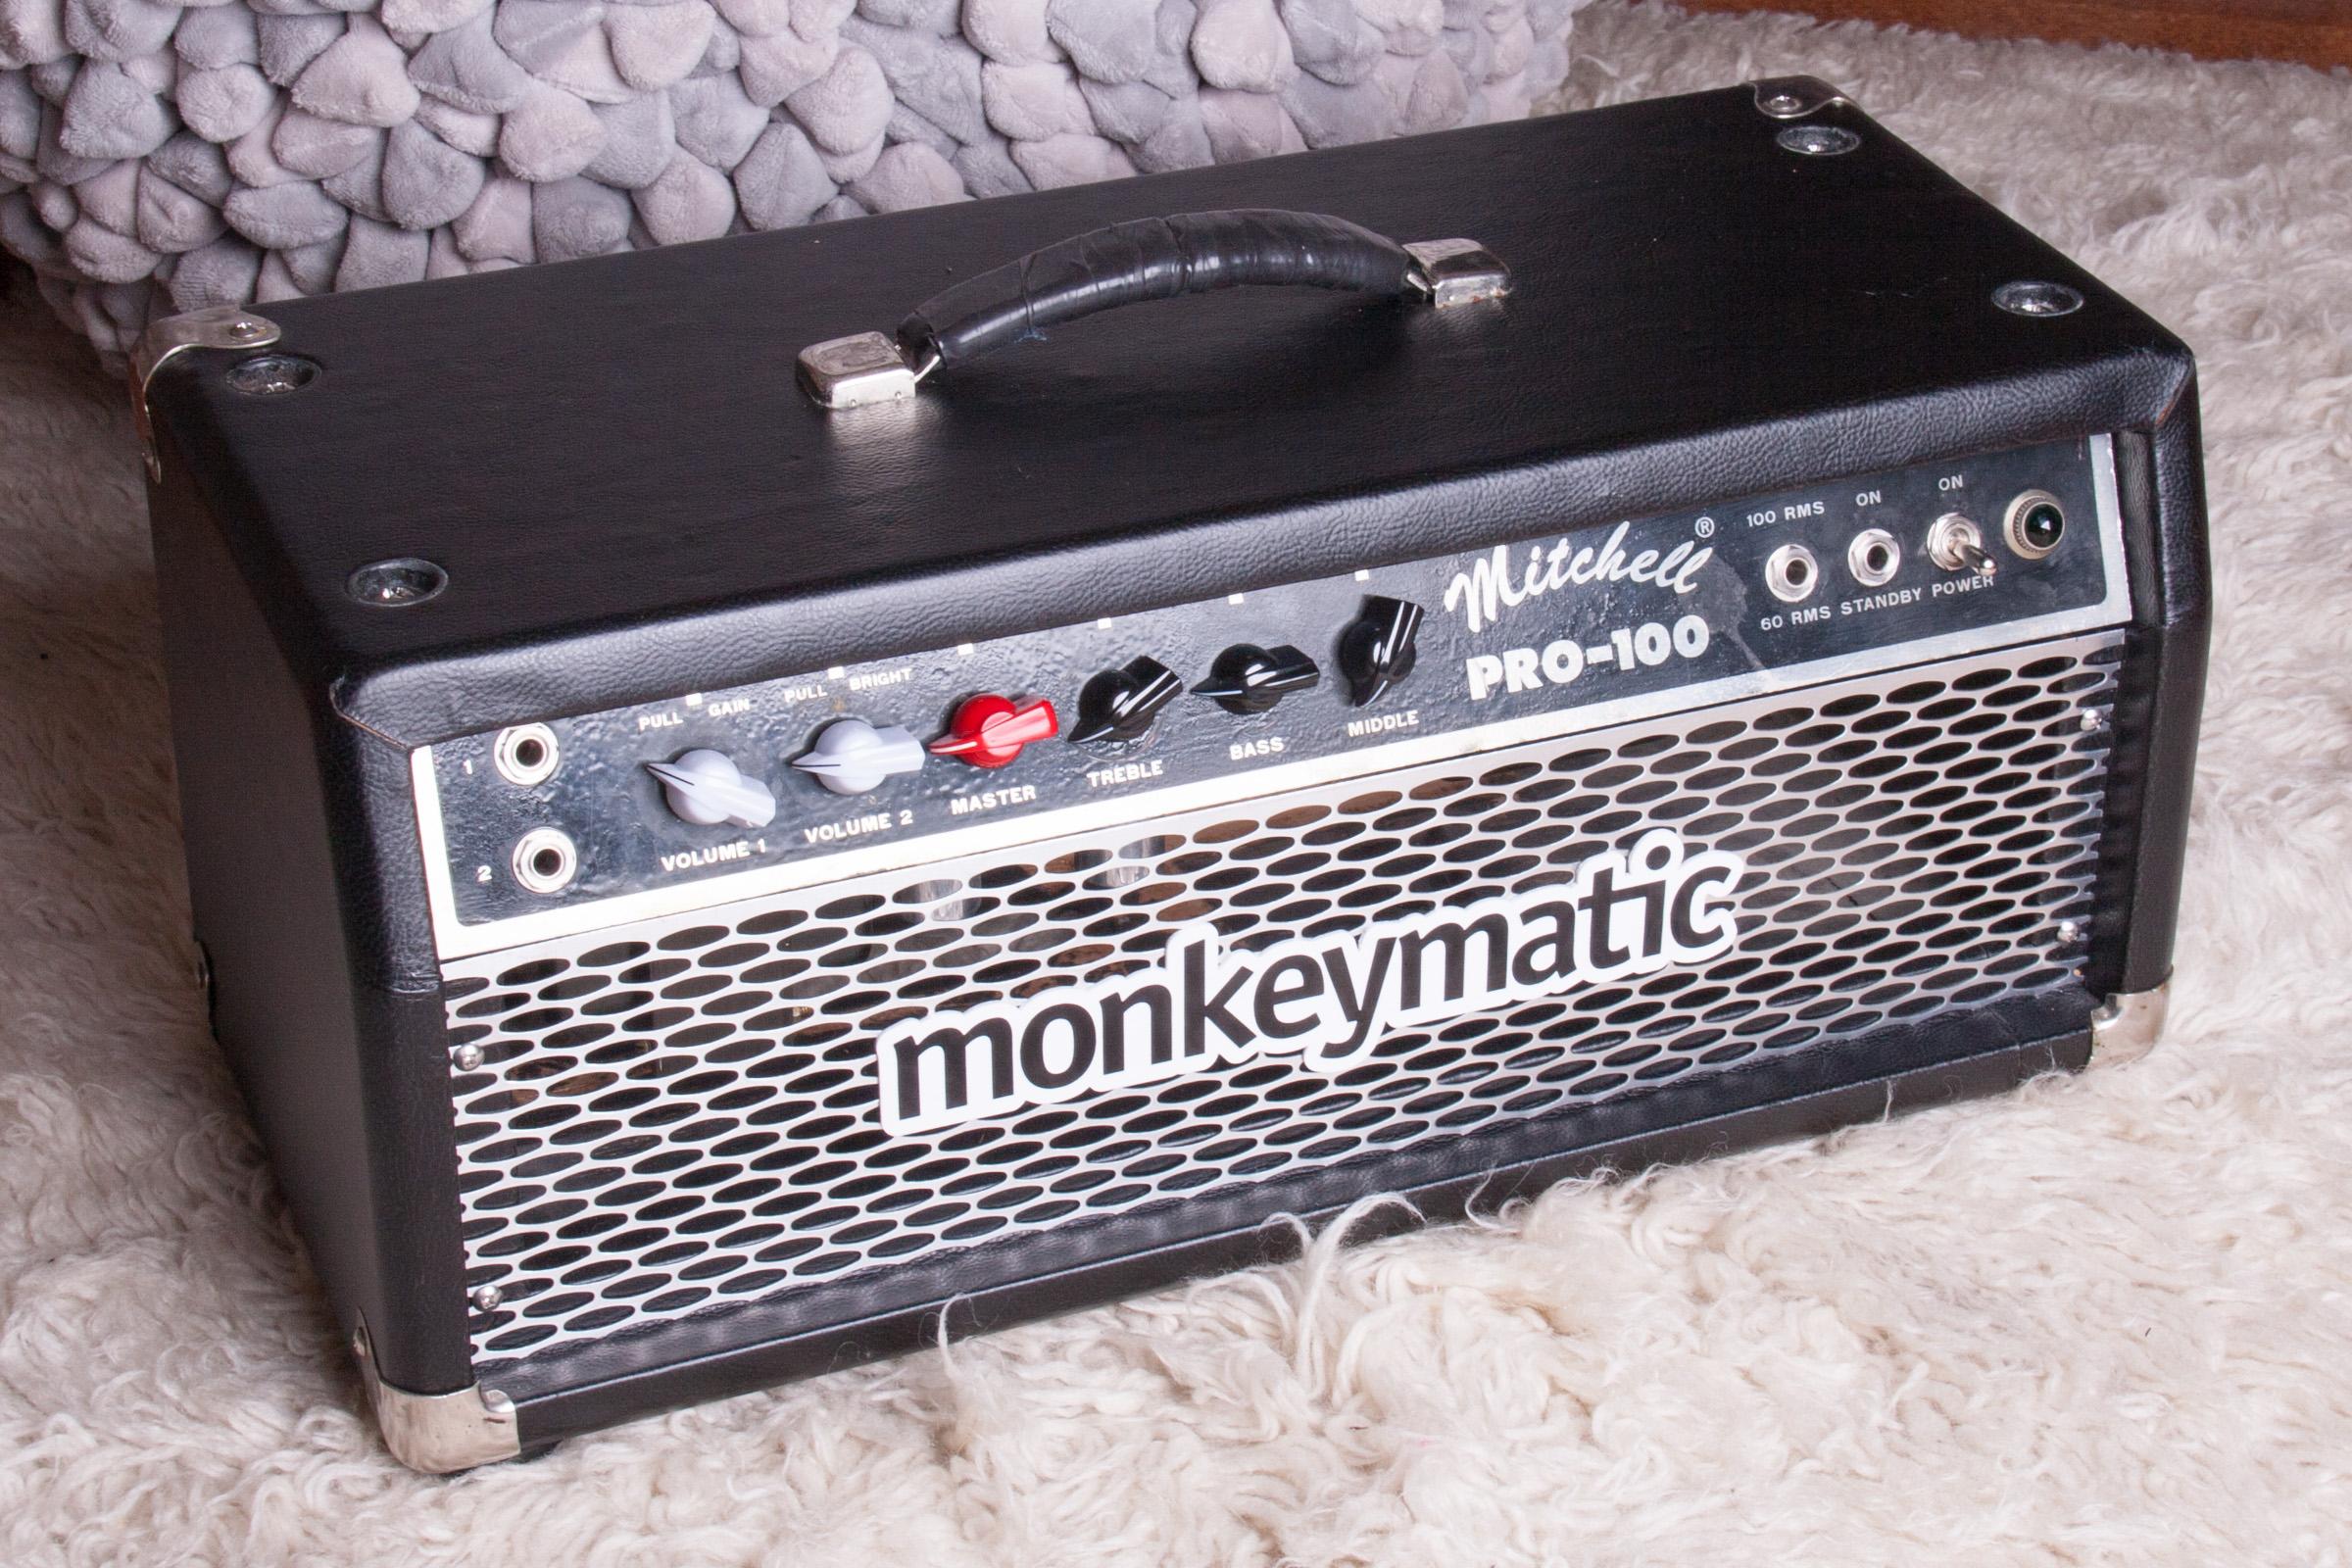 monkeymatic_mitchell-1.jpg